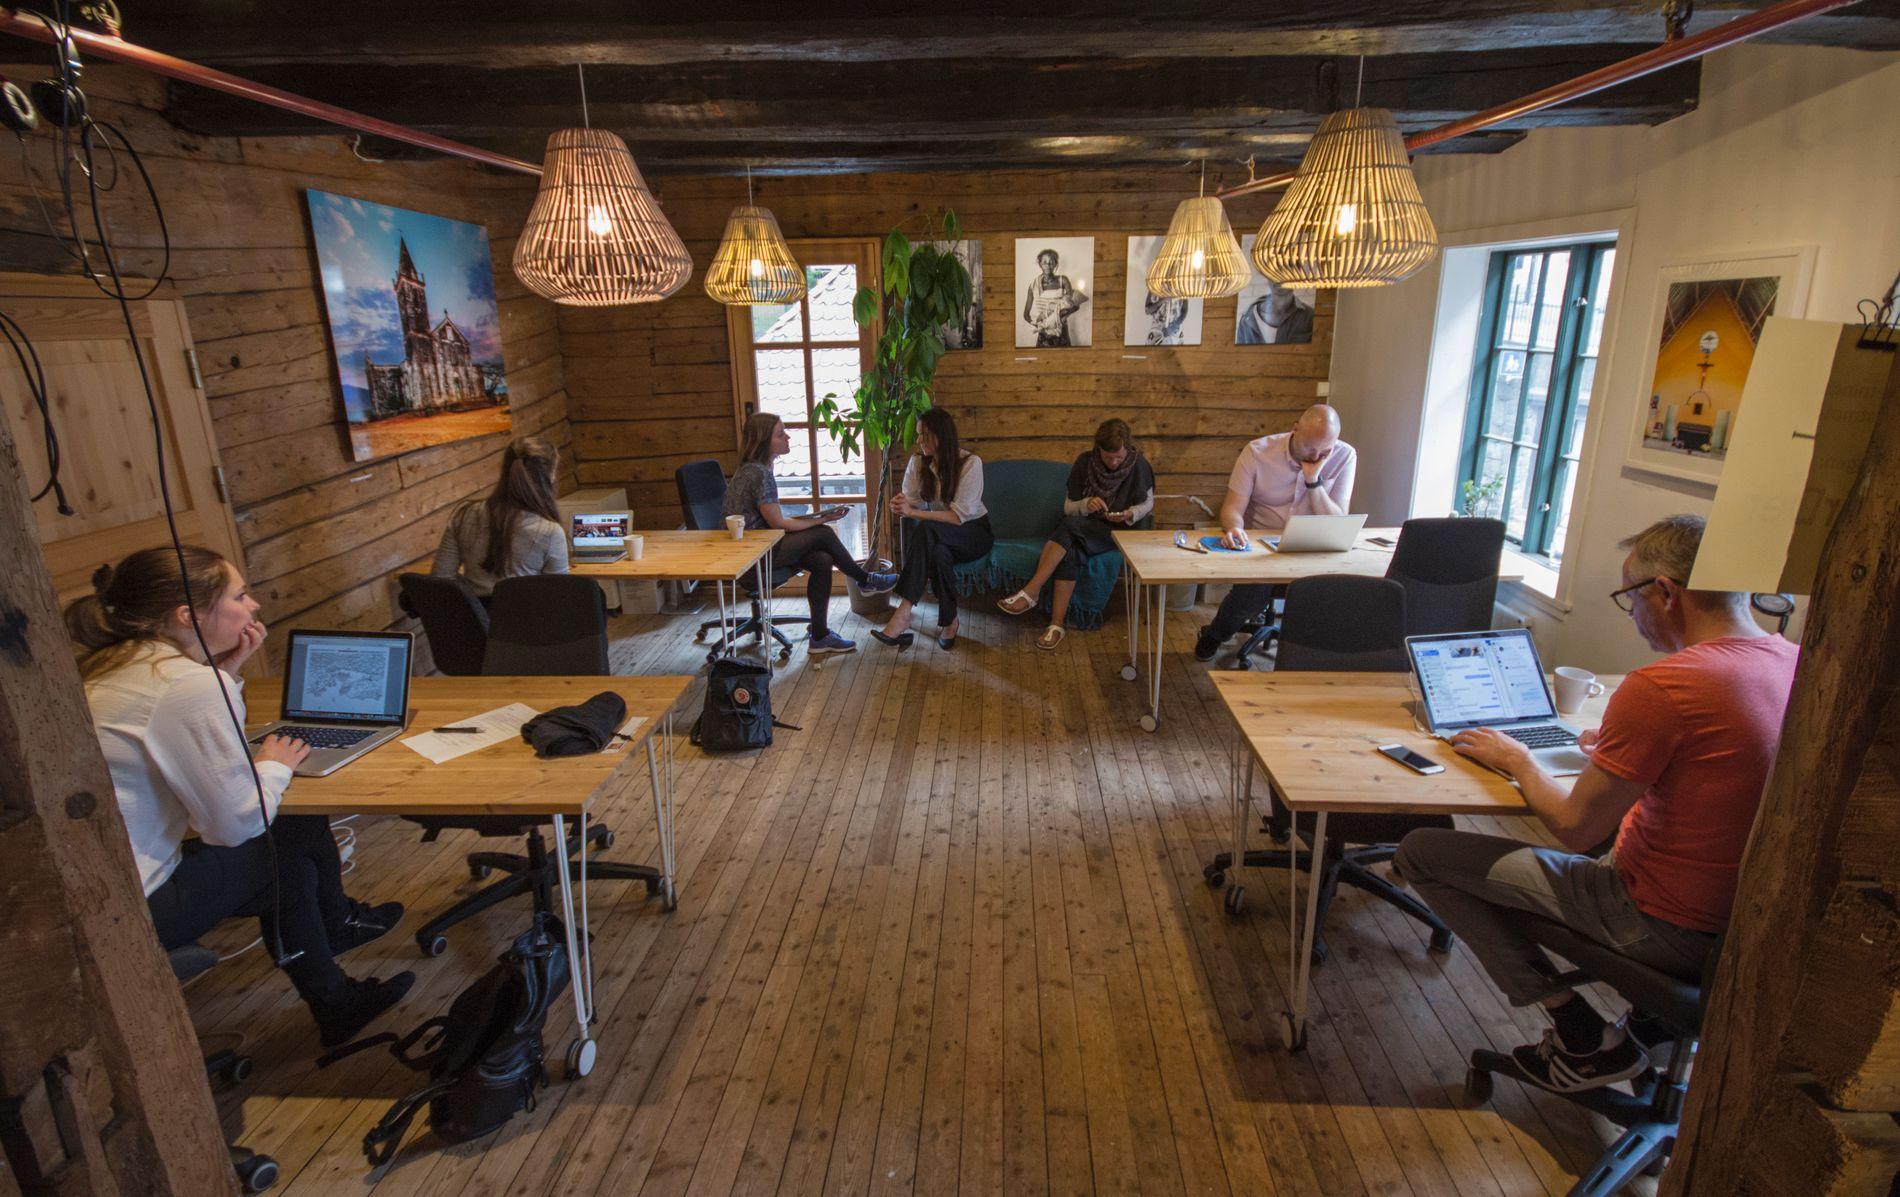 I tillegg til fysisk kontorplass arrangerer Impact Hub faglige og sosiale eventer, programmer og kurs, og er også en del av et globalt nettverk med 86 hub-er og over 15.000 medlemmer.